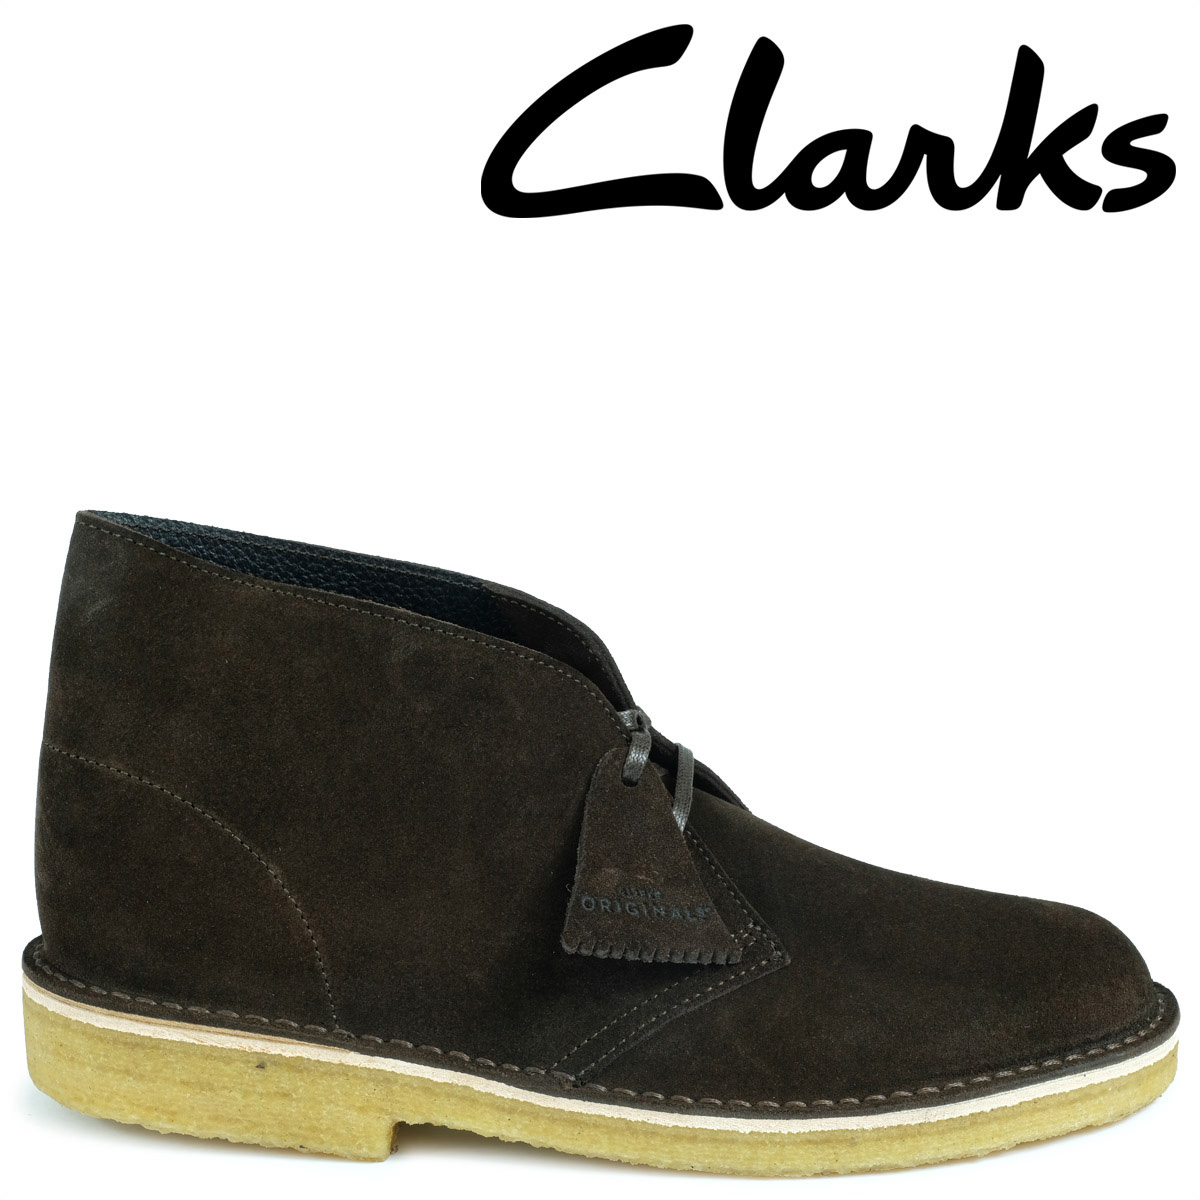 Clarks デザートブーツ メンズ クラークス DESERT BOOT 26128538 レザー 靴 ブラウン